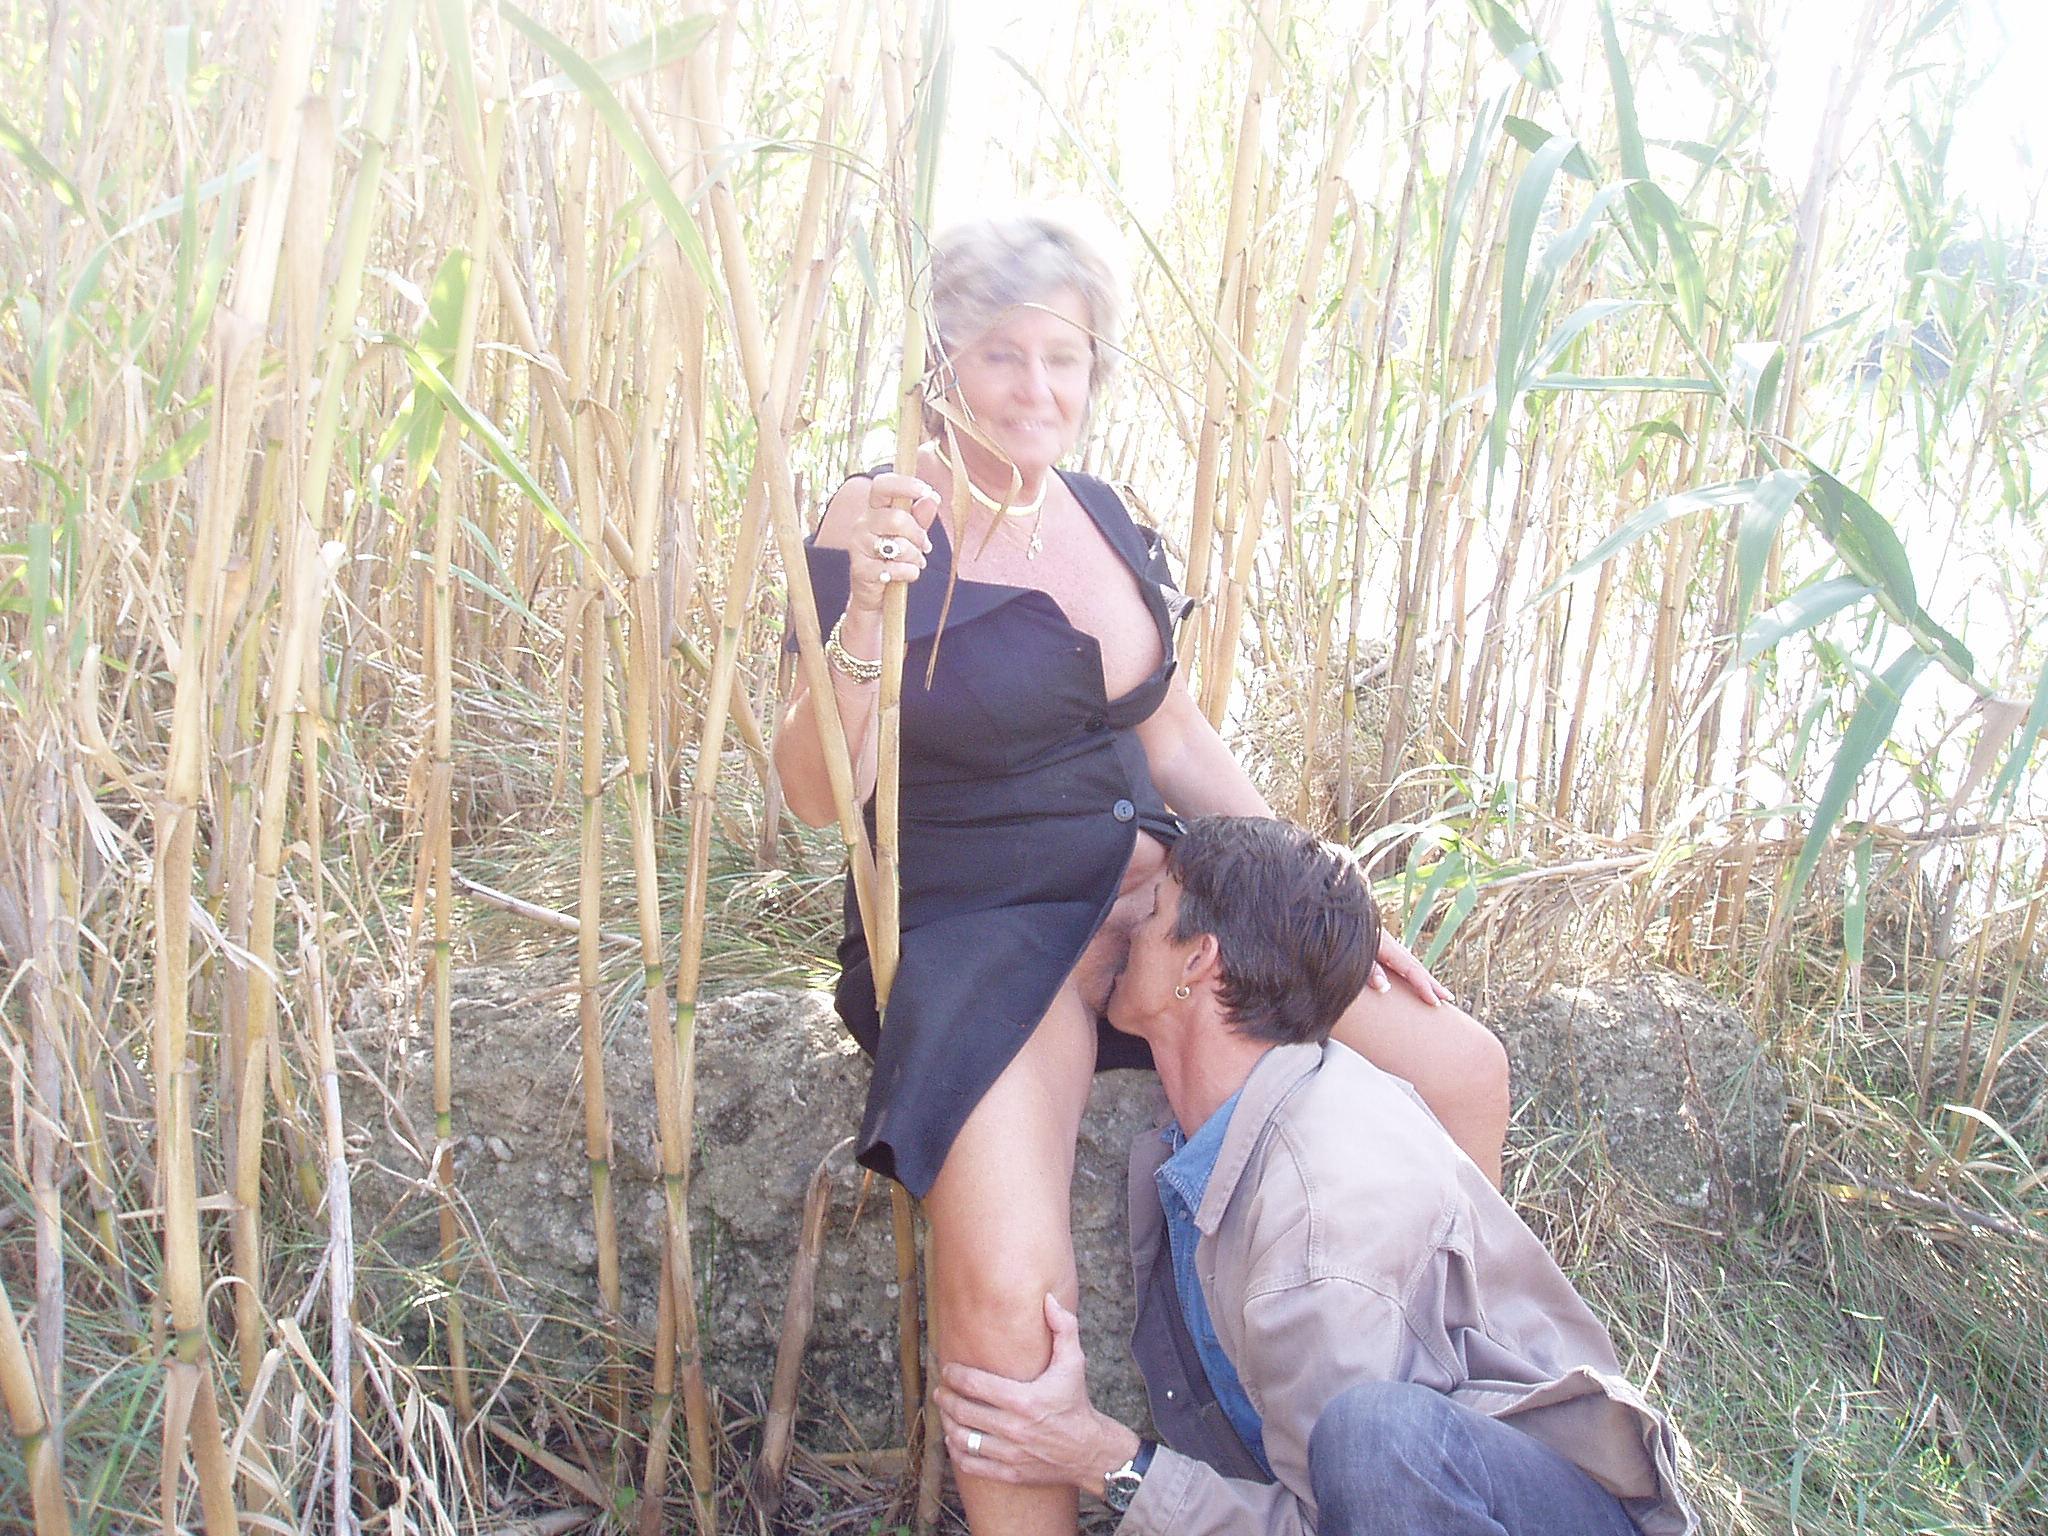 Кунилингус зрелым женщинам фото